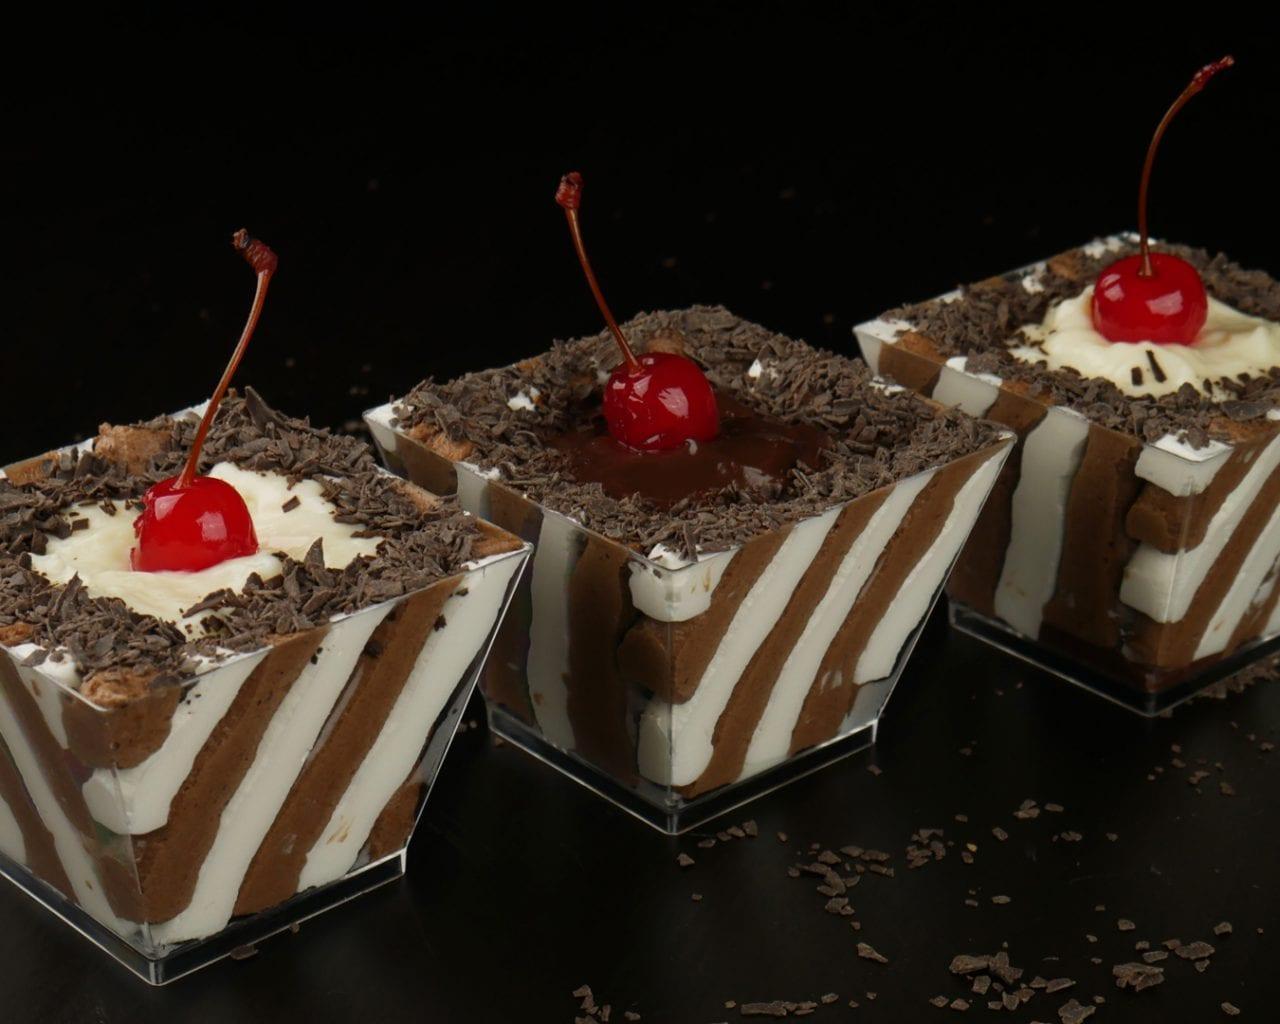 Νόστιμο γλυκό ψυγείου με σοκολάτα και βανίλια